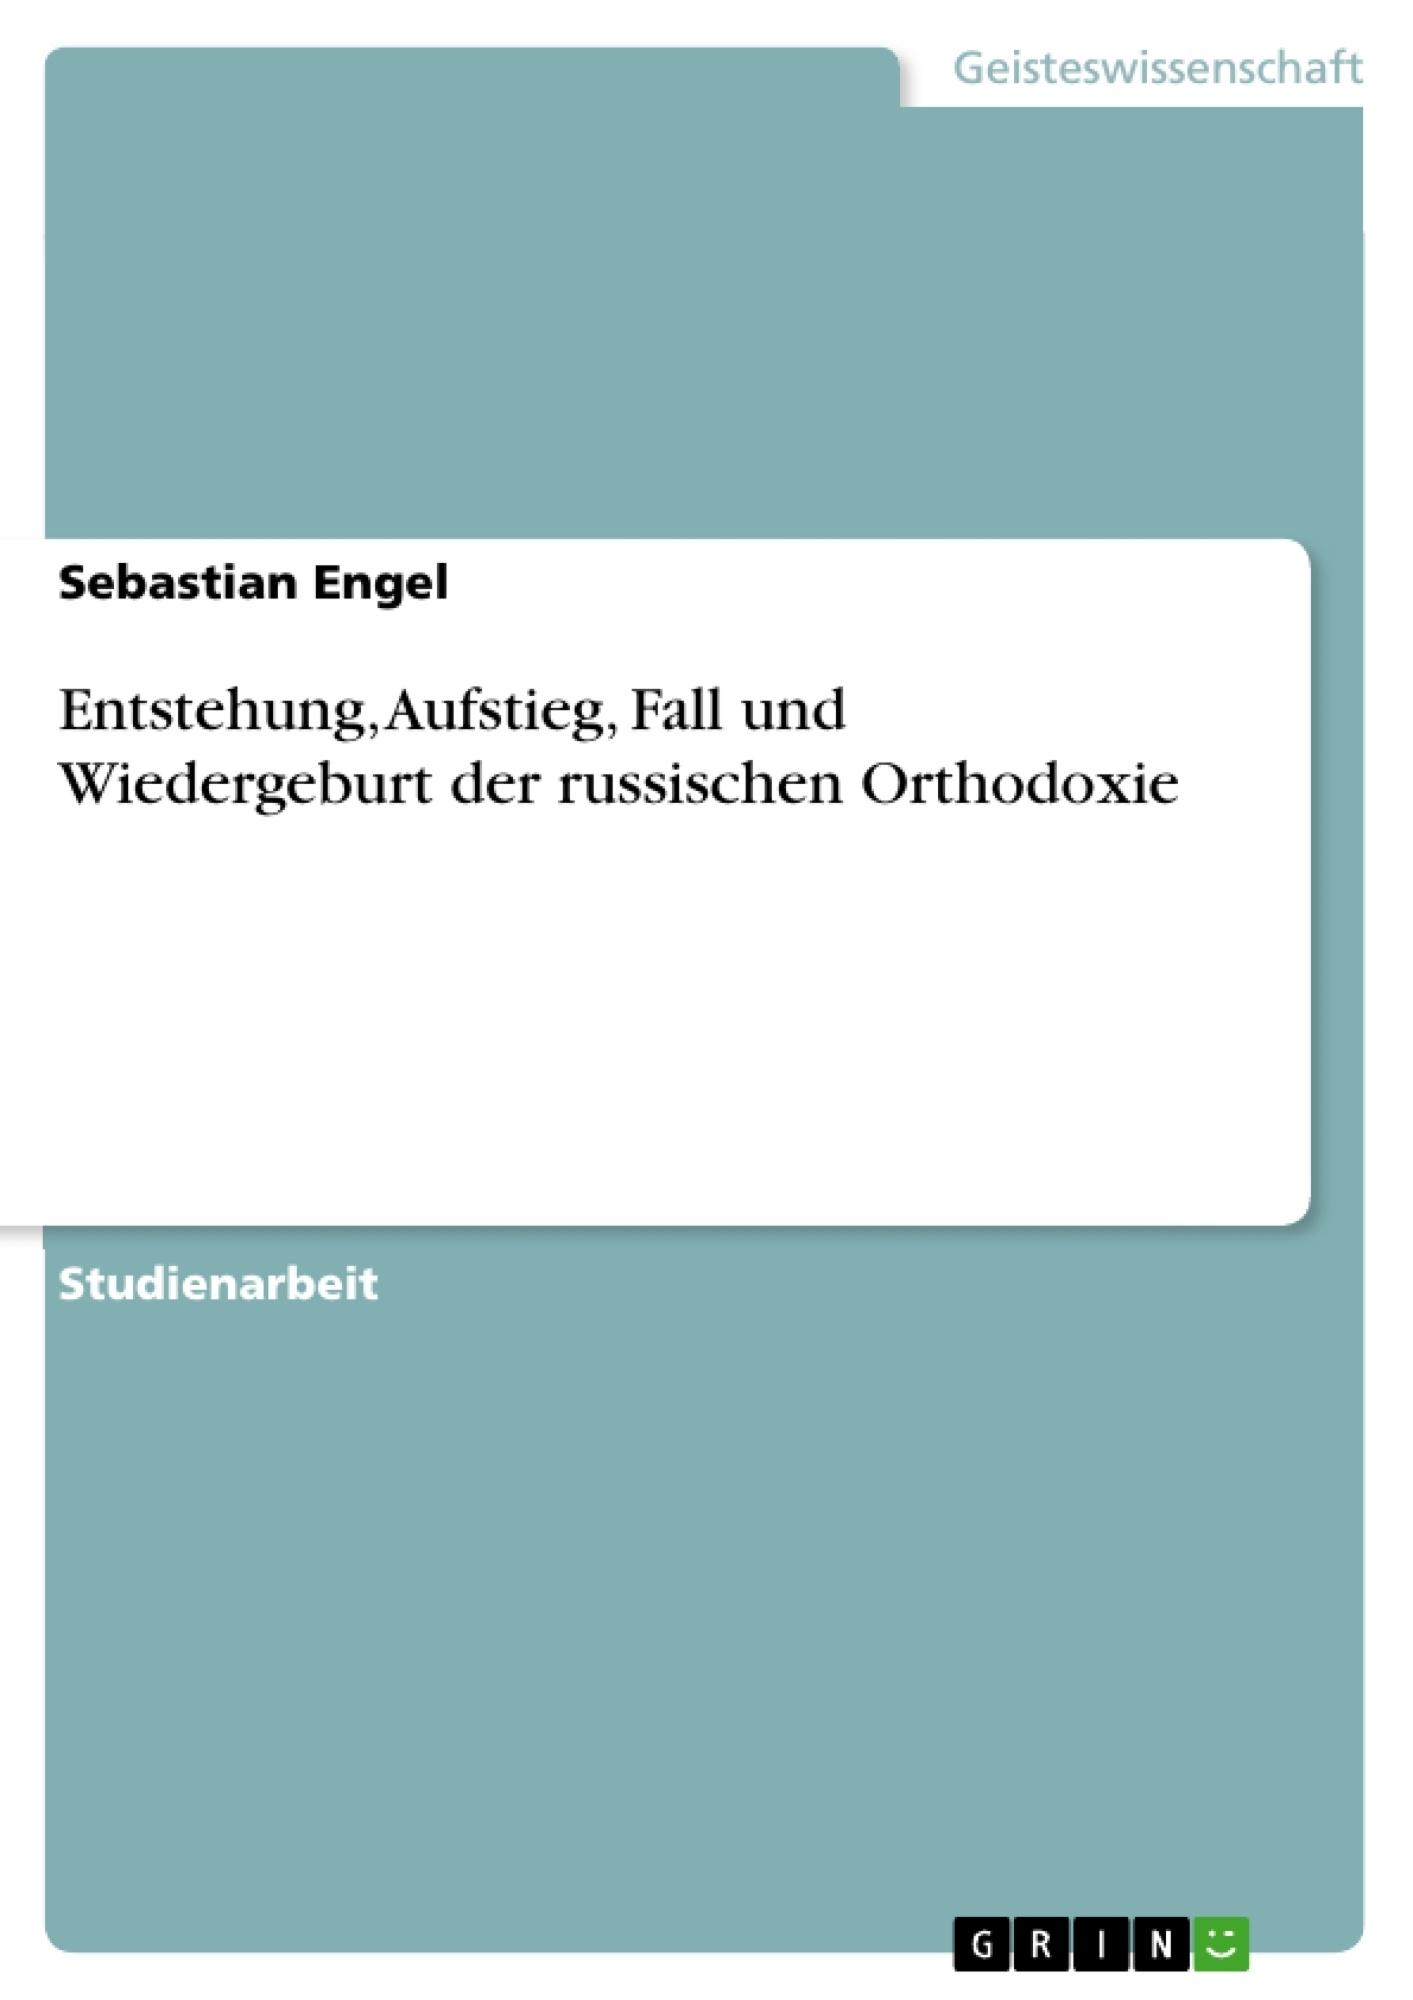 Titel: Entstehung, Aufstieg, Fall und Wiedergeburt der russischen Orthodoxie